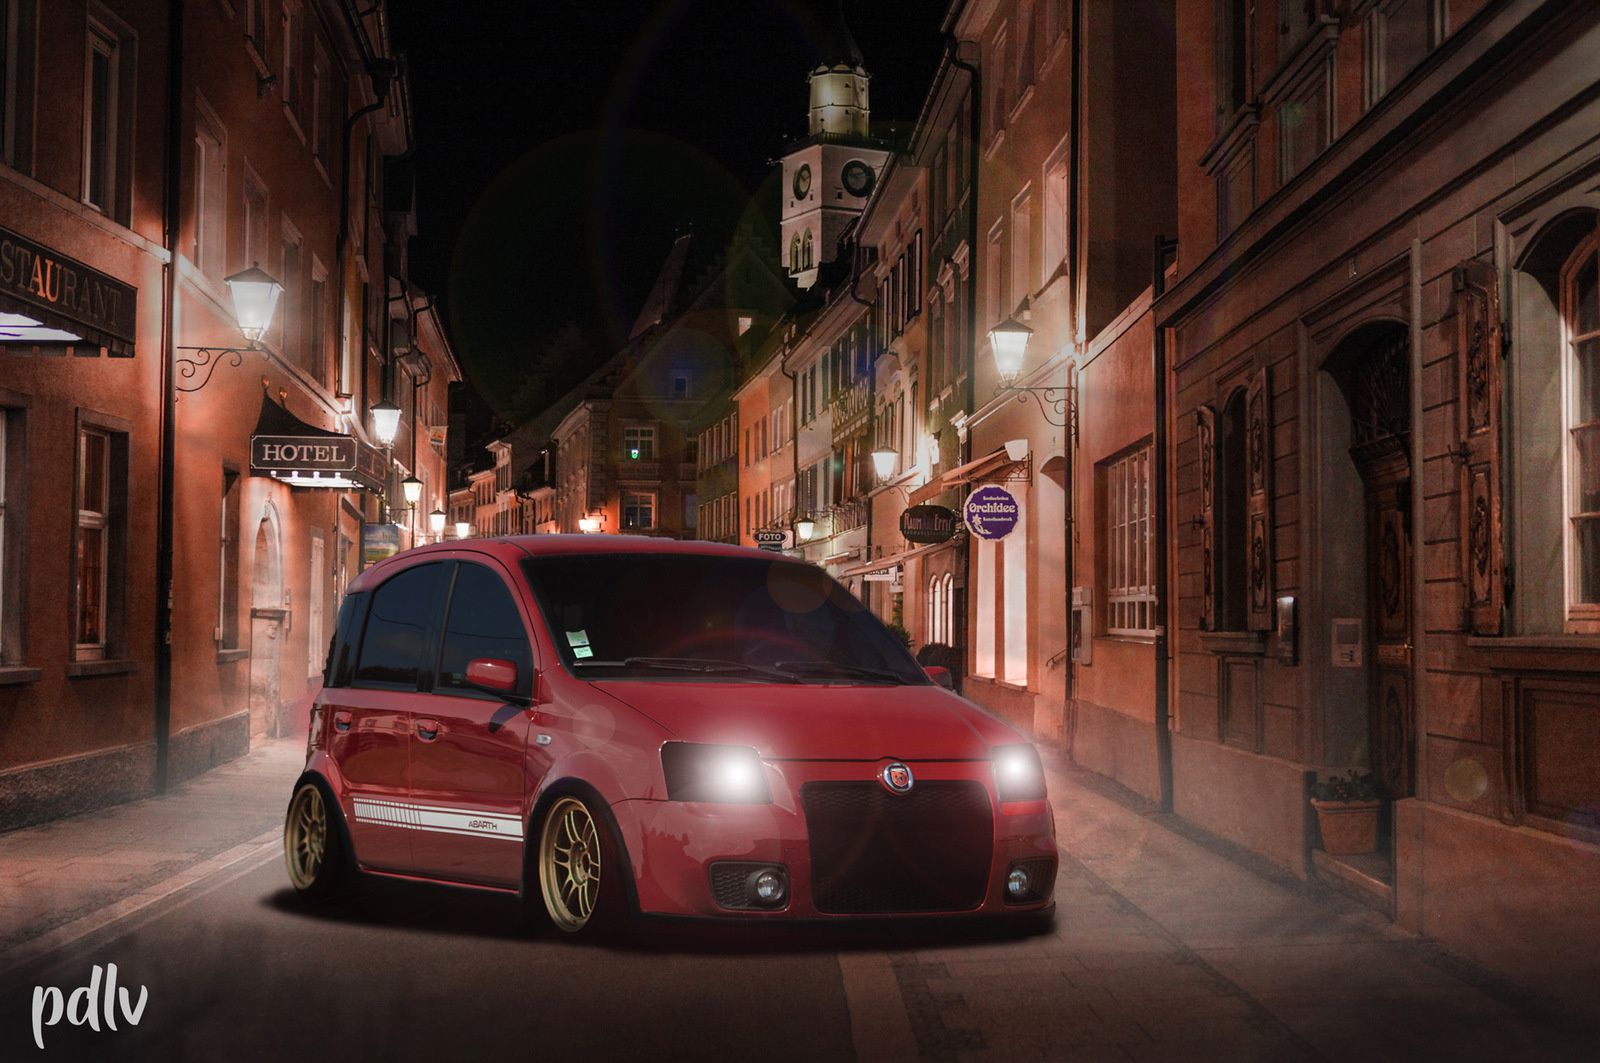 Les voitures de PDLV vs. Photoshop